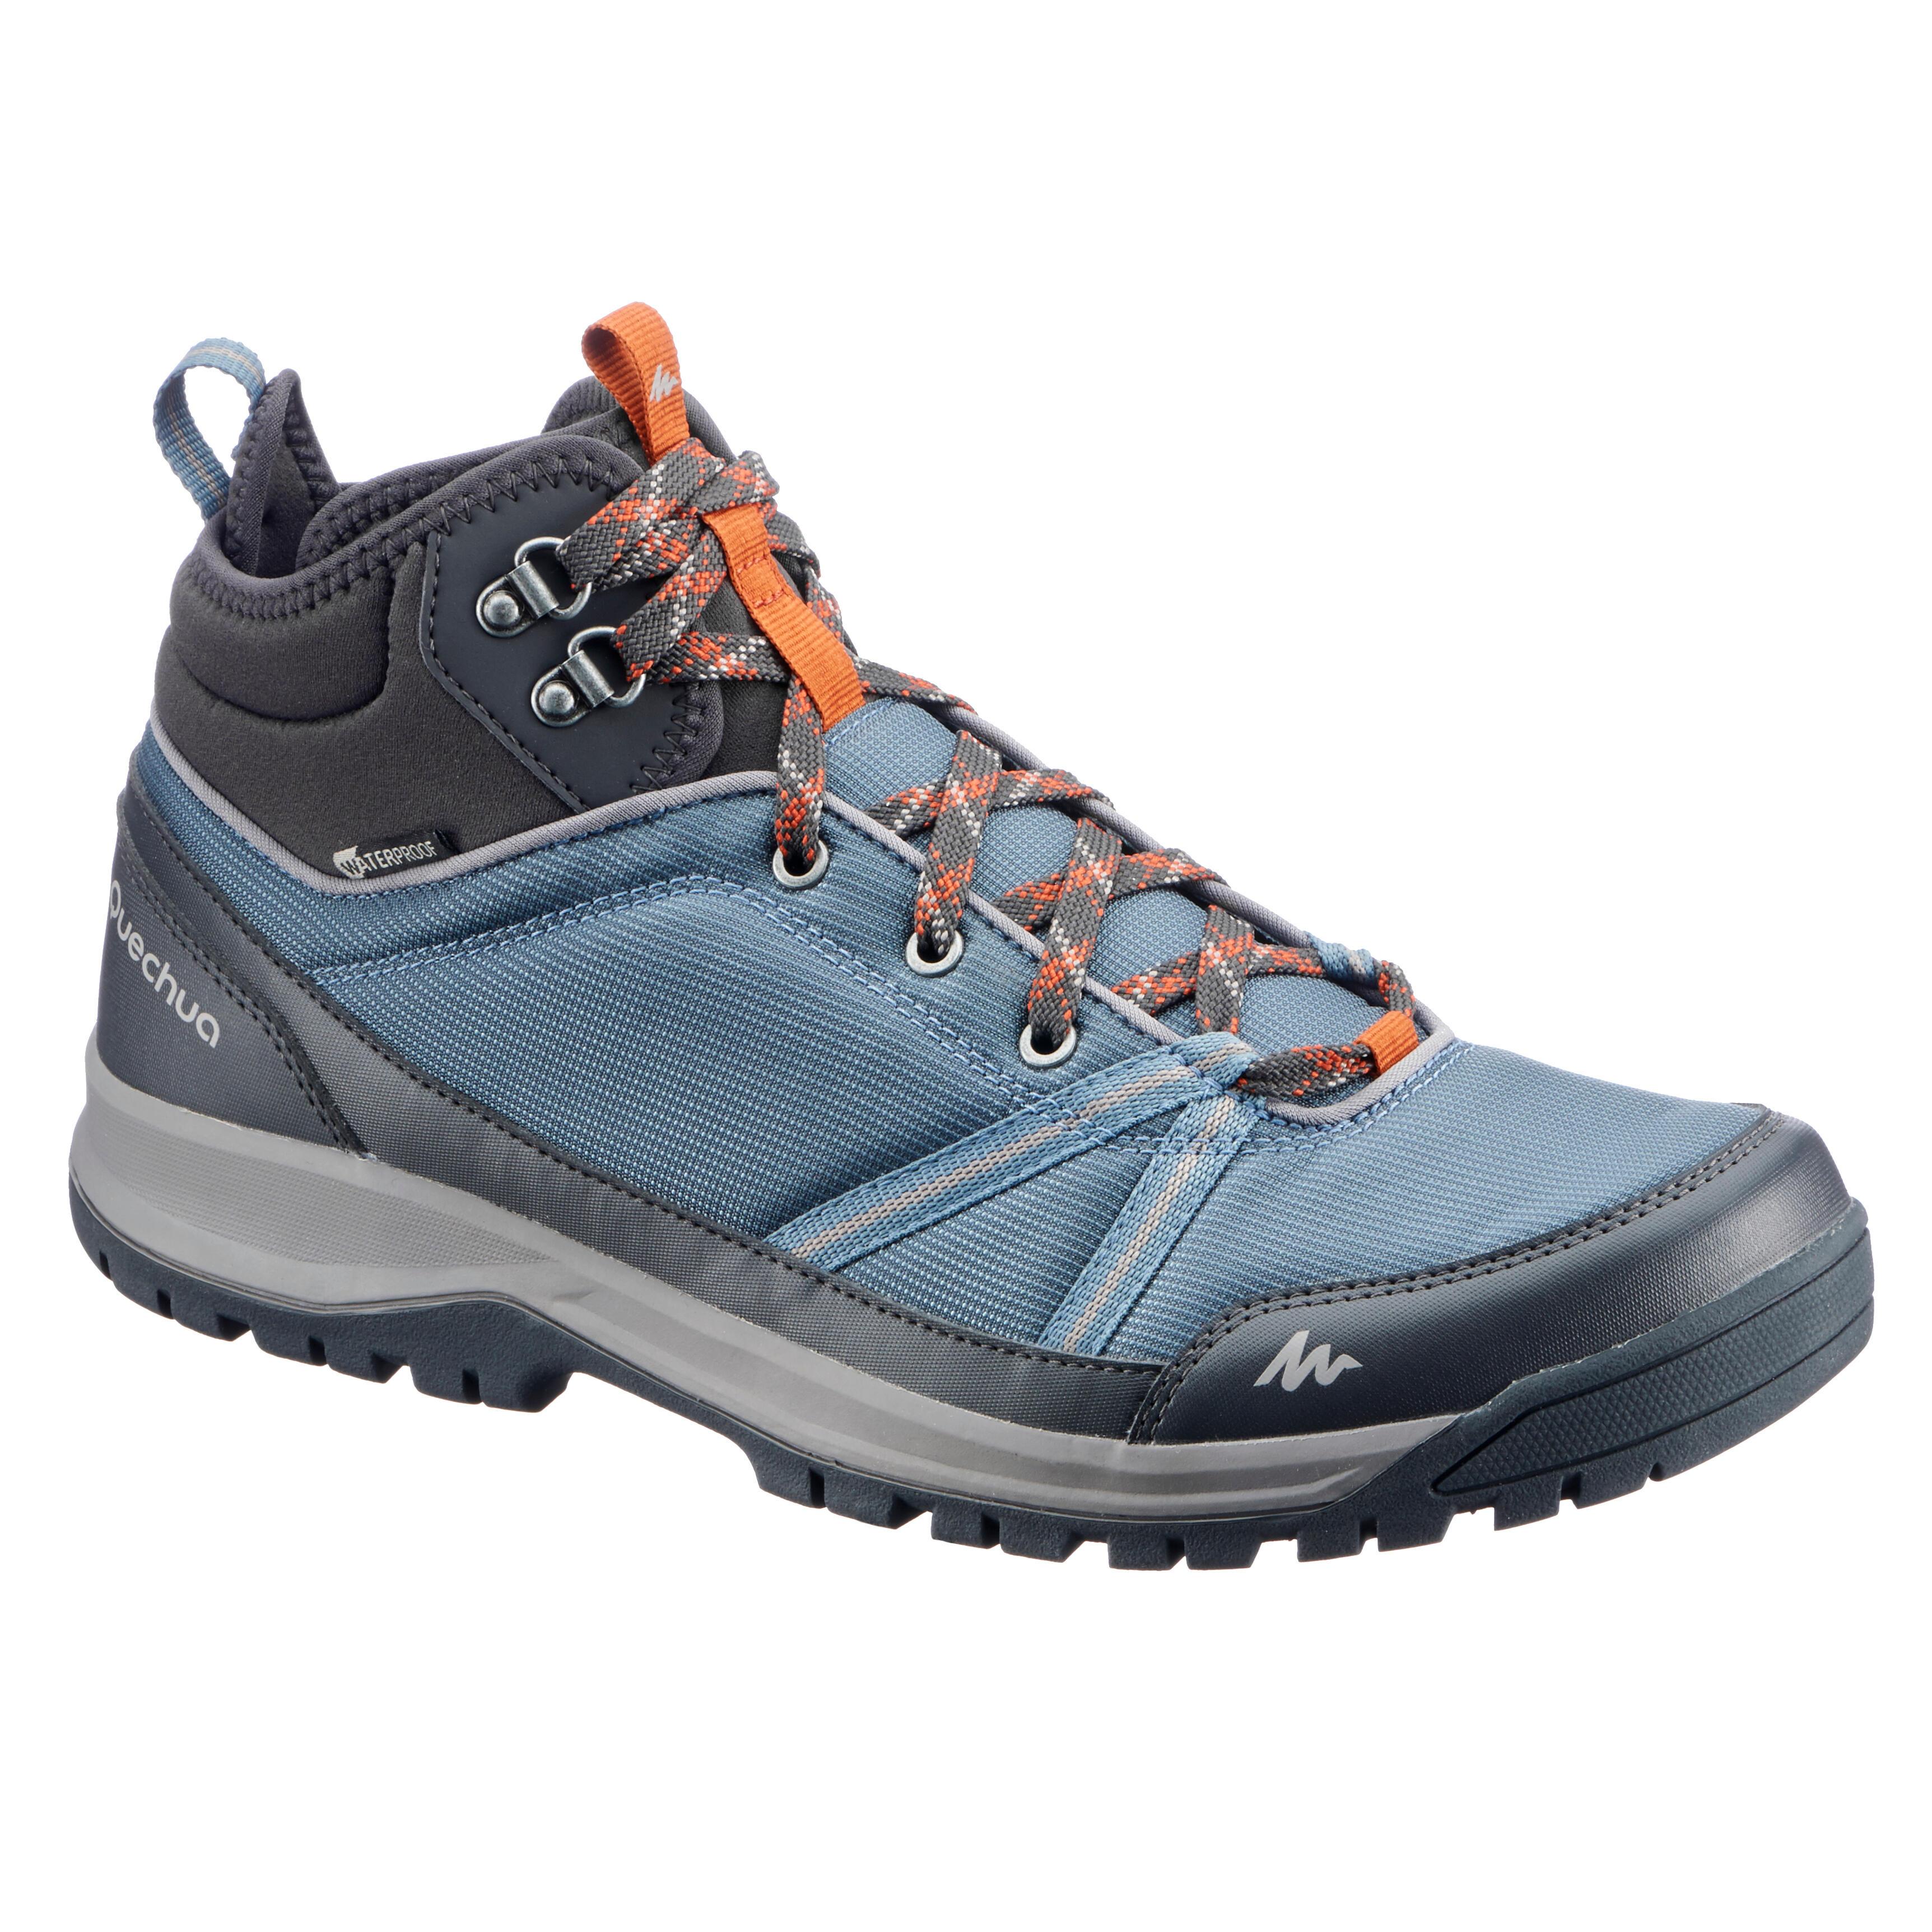 c88d7b62b3a Quechua Waterdichte wandelschoenen voor heren NH300 mid blauw 2553567  Wandelschoenen Wandelen